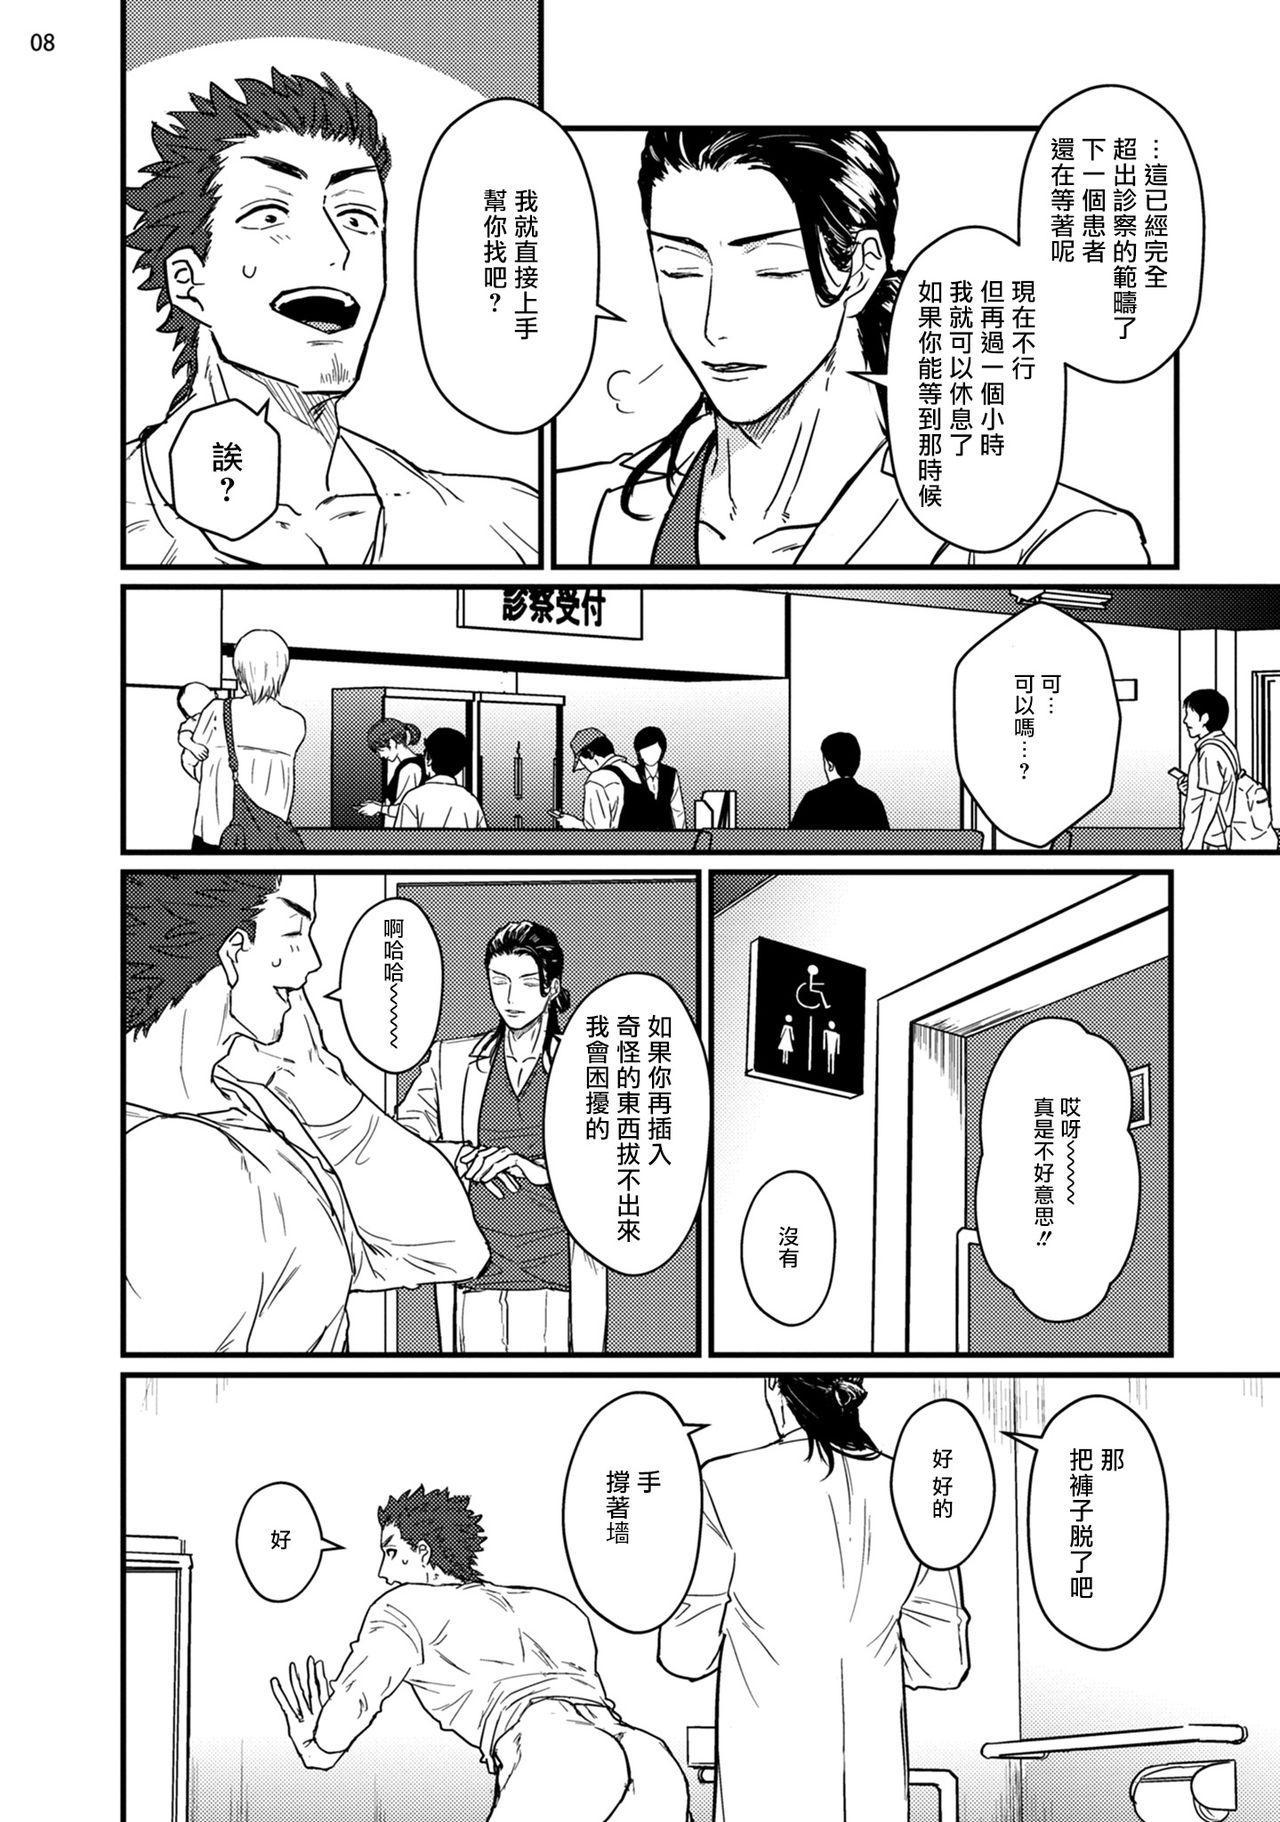 Sensei Shokushin Shite Kudasai | 医生请帮我触诊 1-2 8